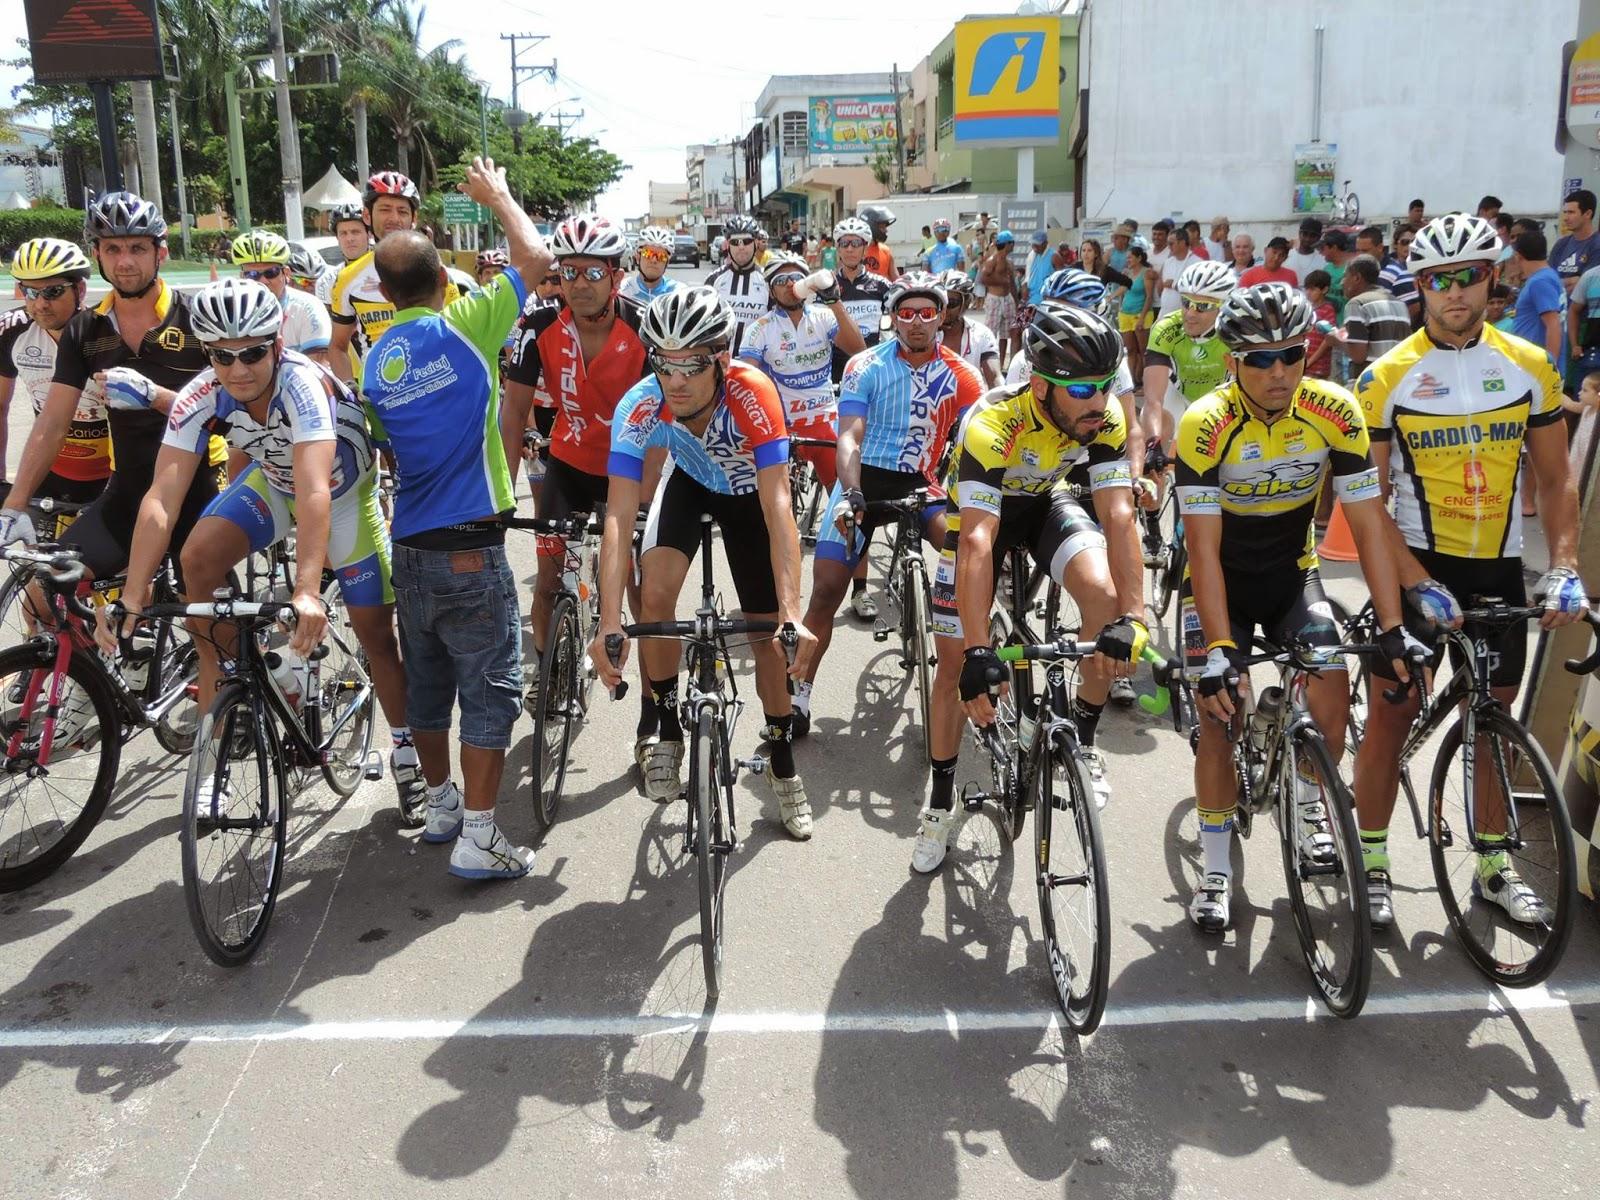 ESPORTE – Mais uma importante competição ciclística foi realizada em São Francisco de Itabapoana RJ,